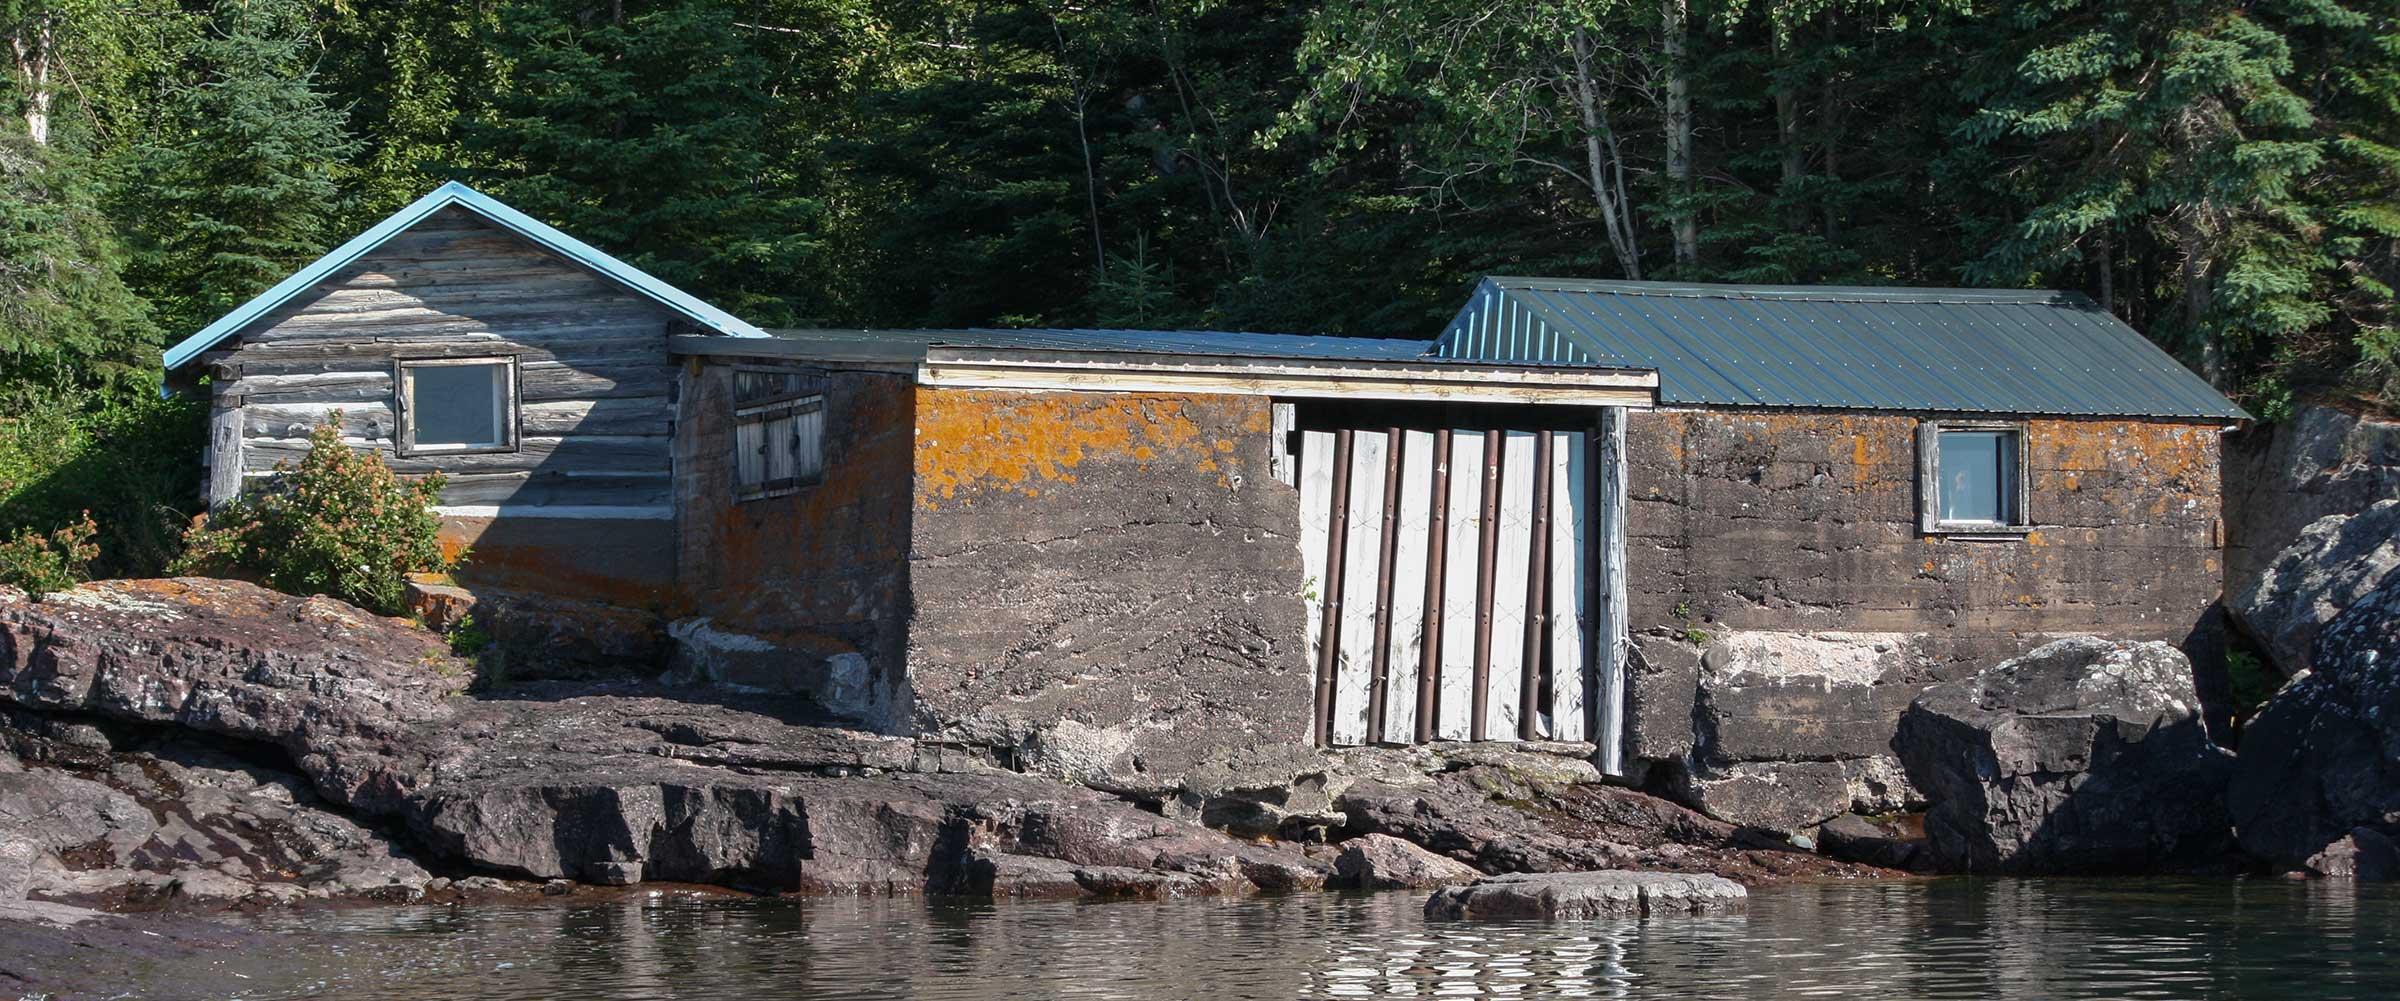 The Sugar Beach Fish House in 2011.